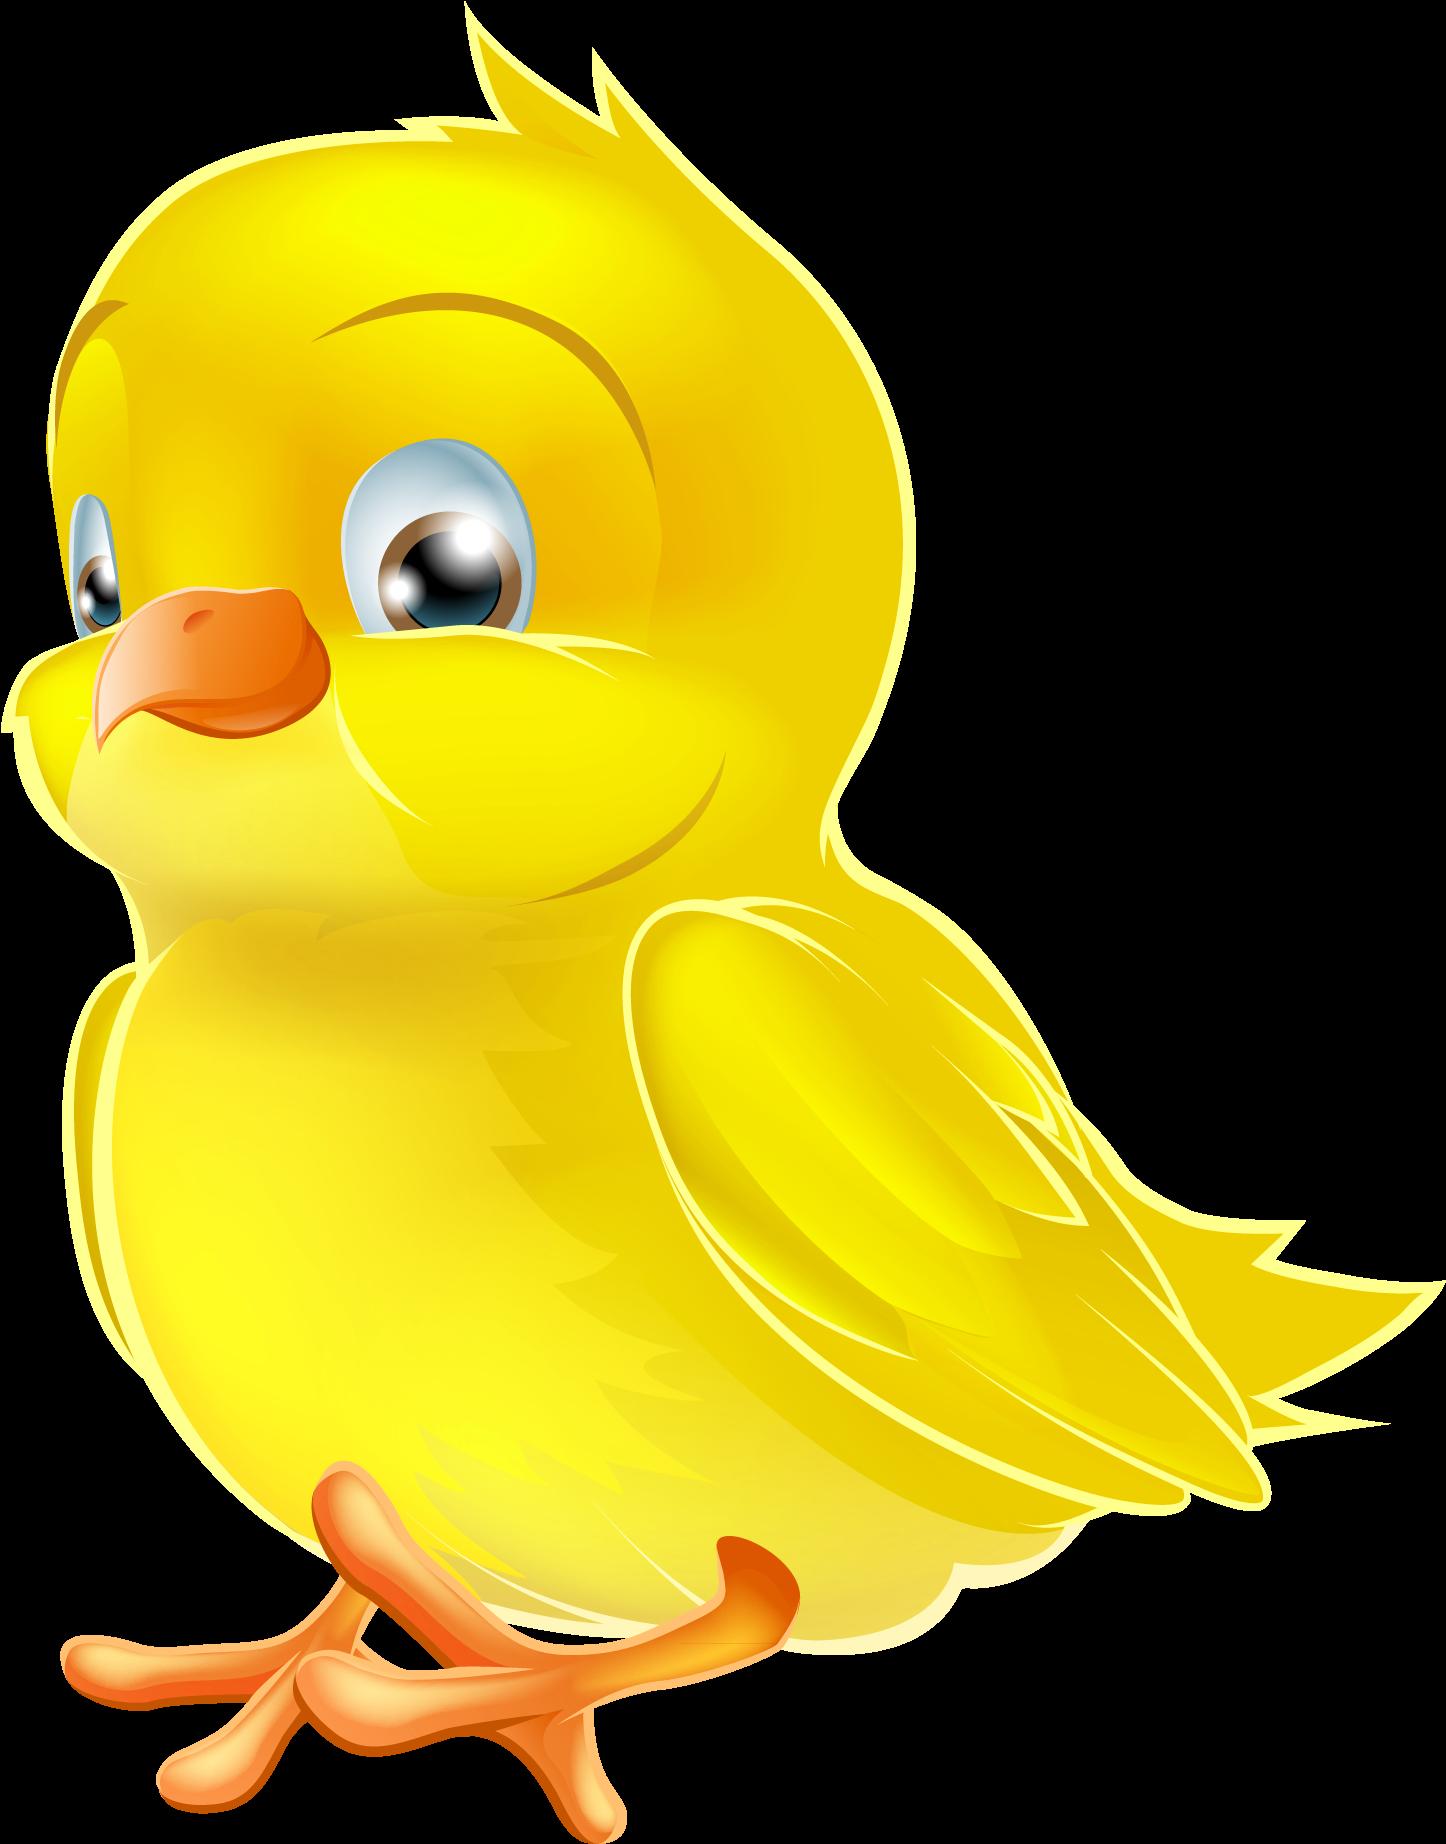 Цыпленок картинка мультяшная